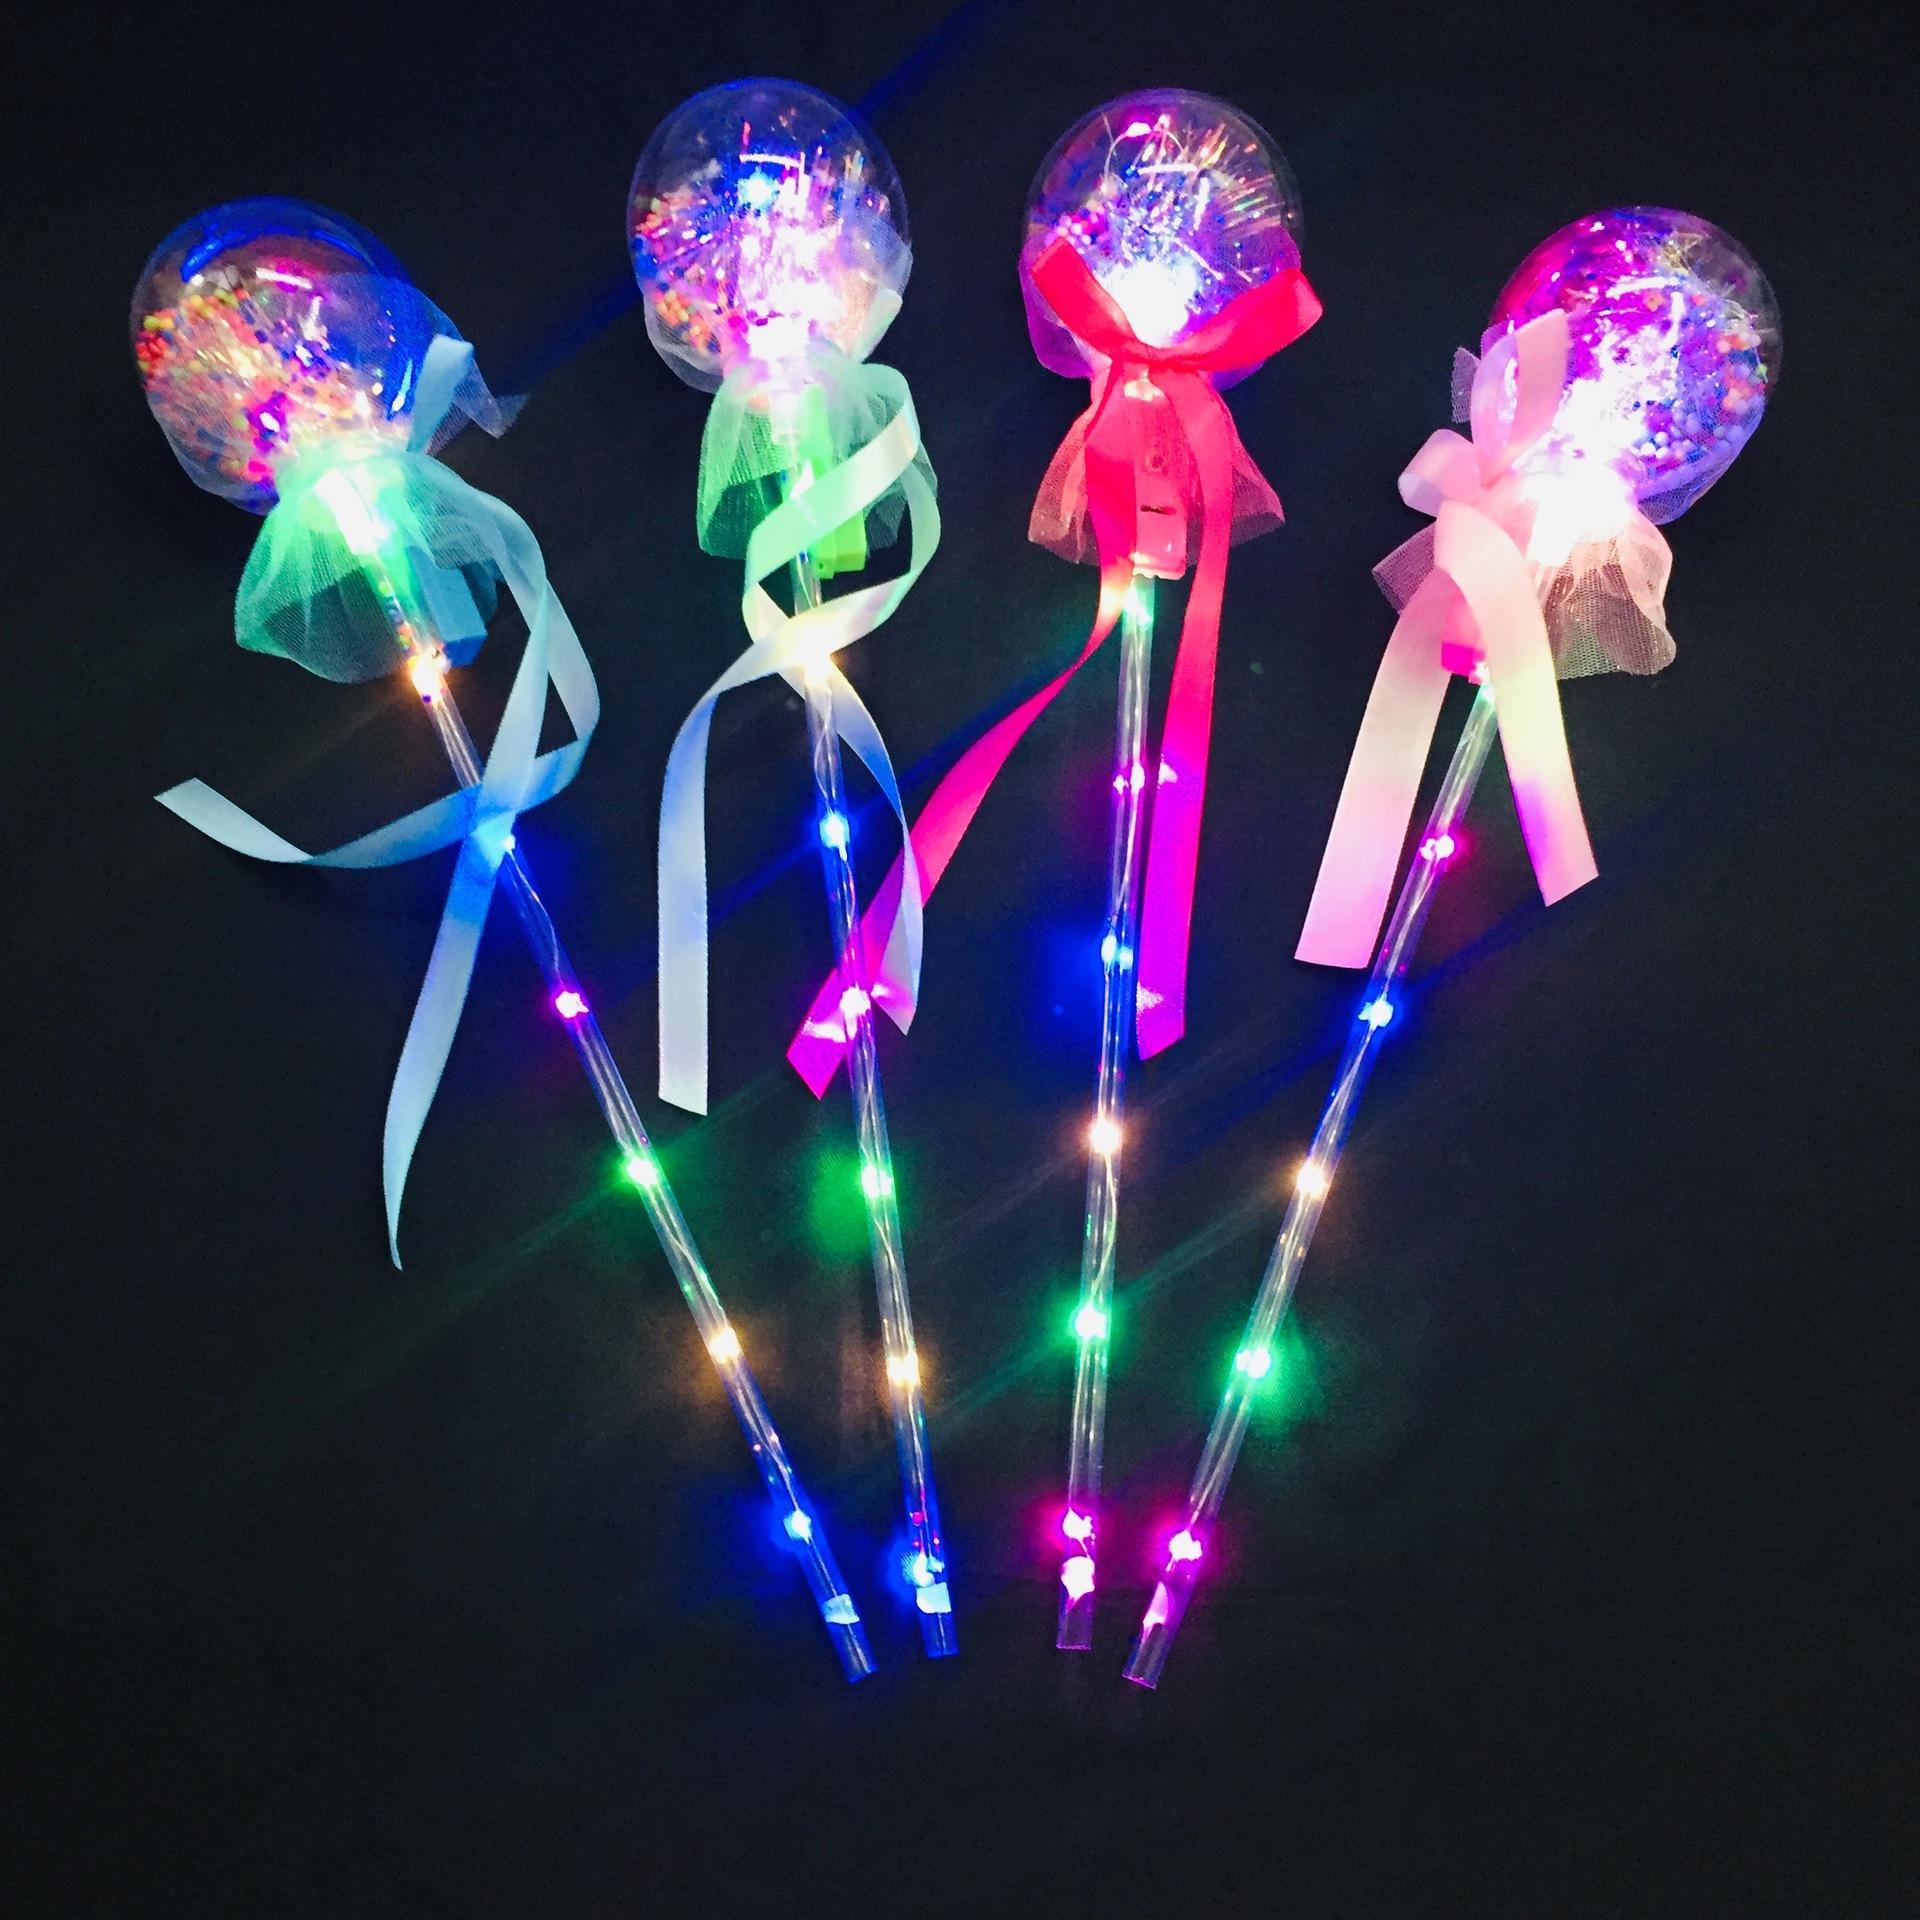 LED 조명 투명한 빛나는 웨이브 볼 마술 지팡이 스타 공 LED 플래시 요정 바 스탠드 야간 시장 뜨거운 판매 요정 조명